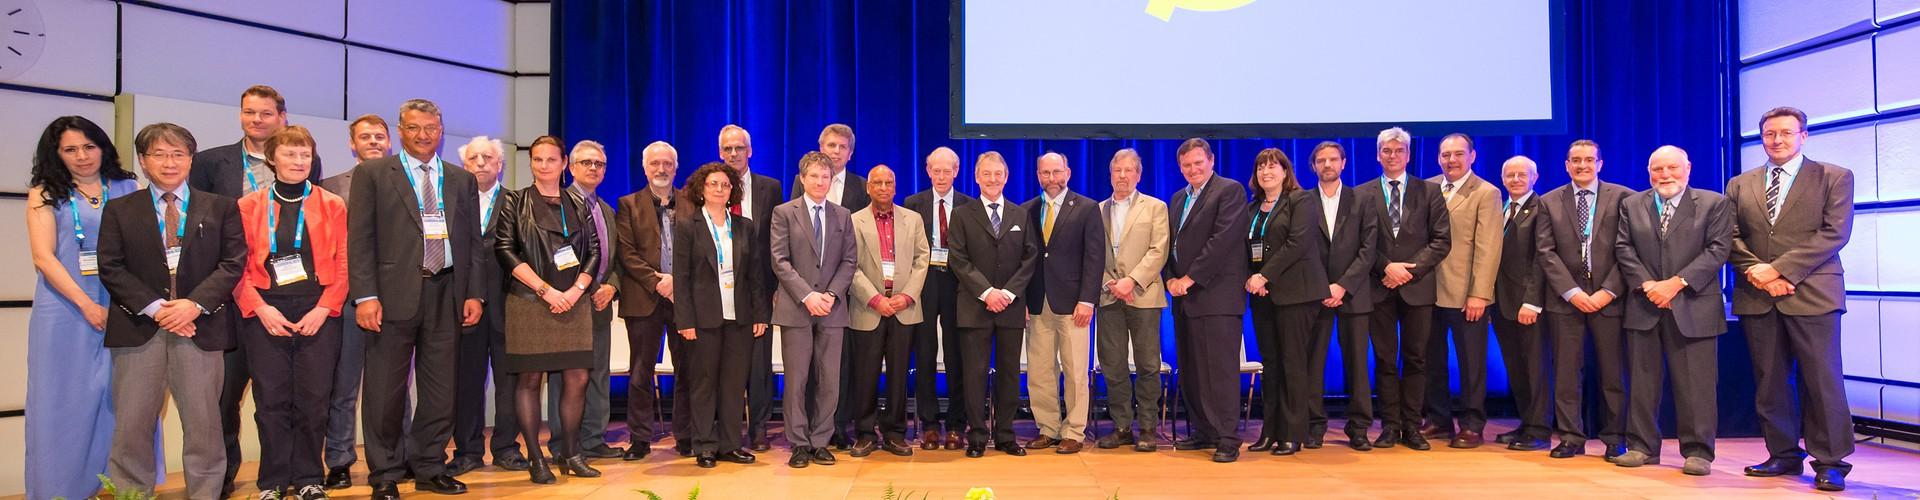 A few of last year's awardees with the EGU President and Vice-President at the EGU 2016 Awards Ceremony (Credit: EGU/Foto Pfluegl)